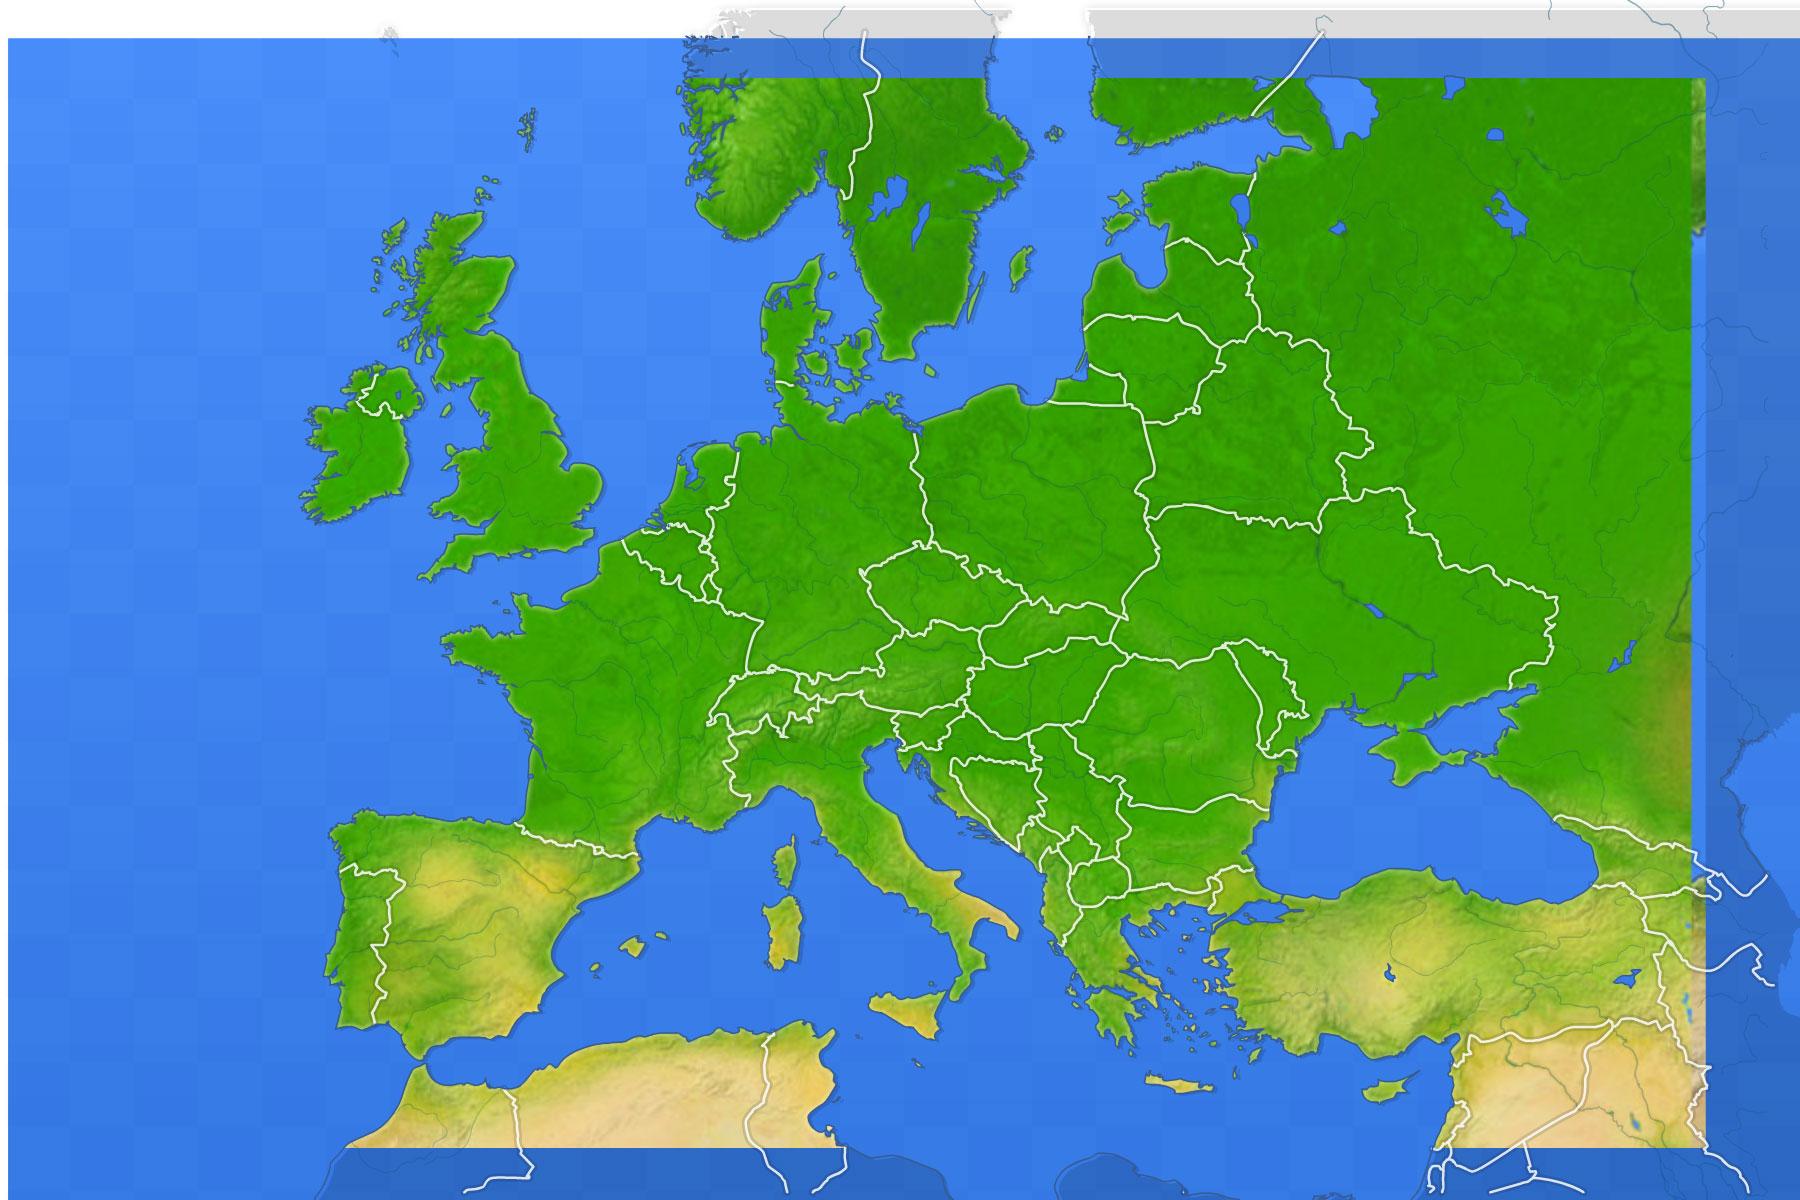 Jeux-Geographiques Jeux Gratuits Jeu Villes D Europe dedans Jeu Villes France